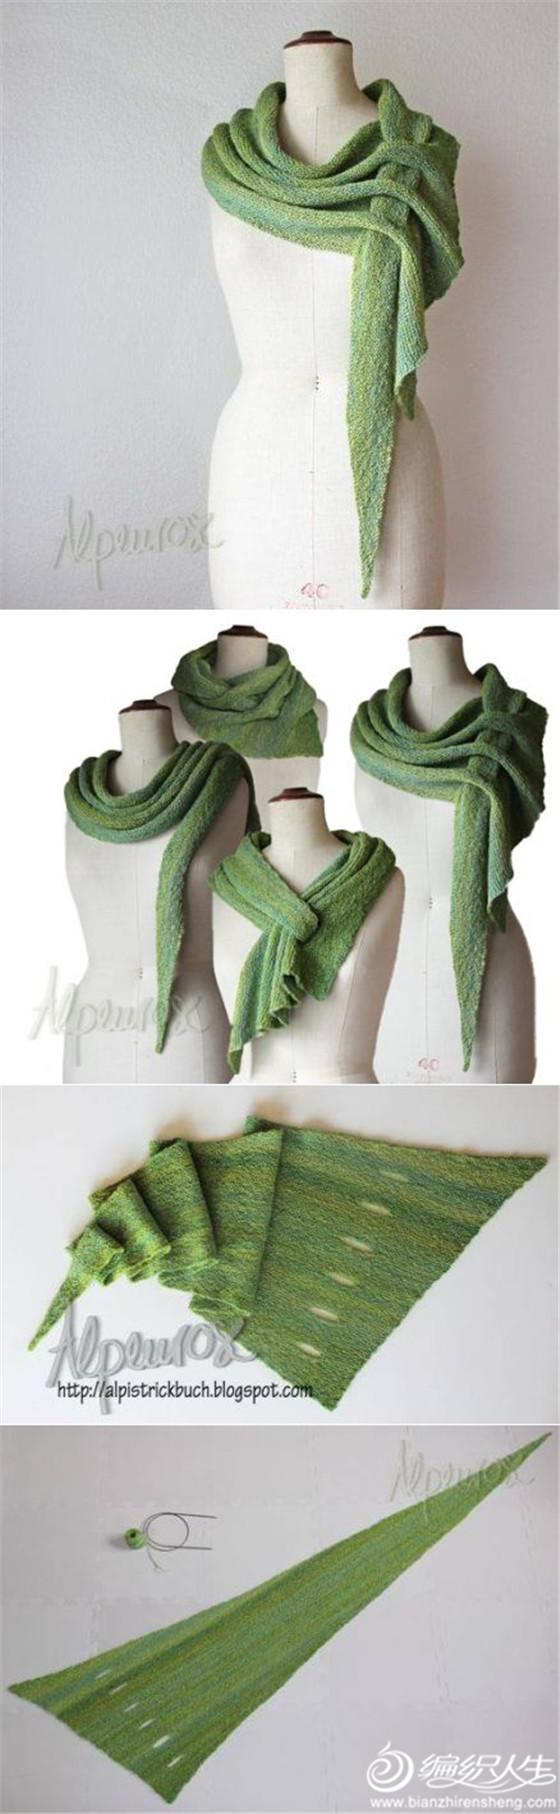 创意围巾编织